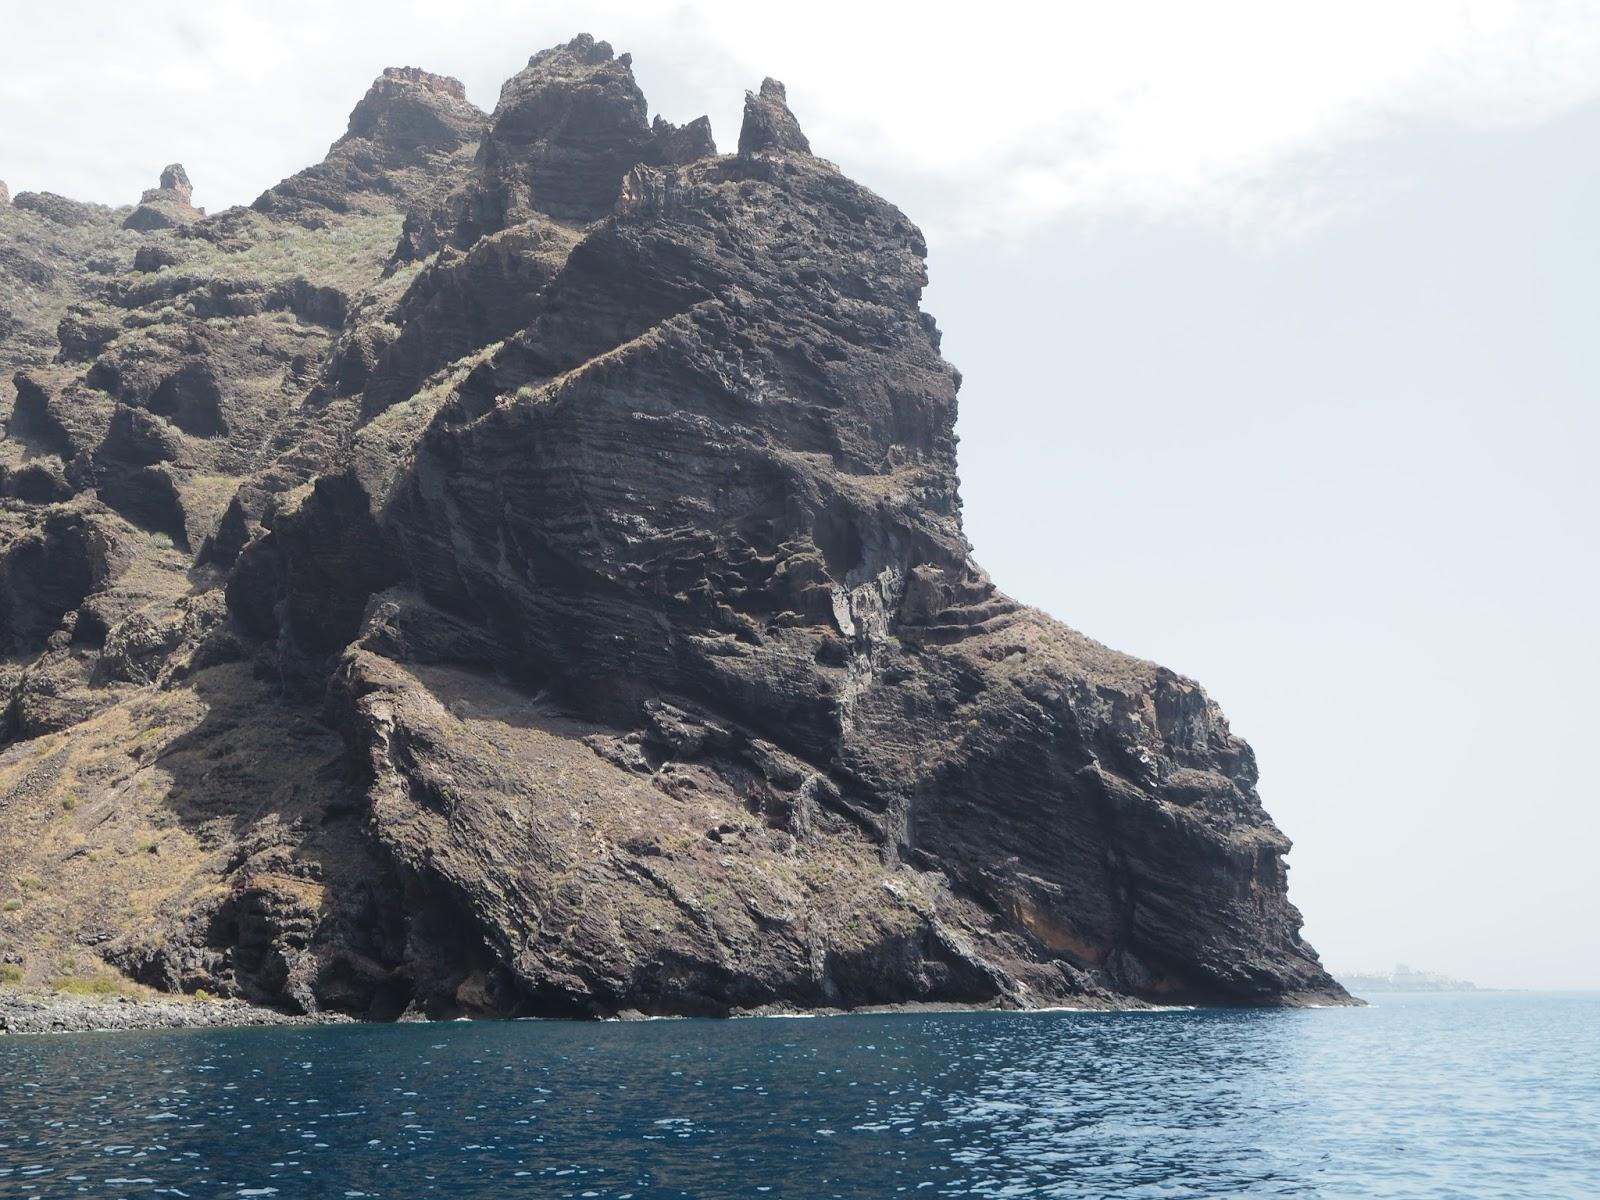 Tenerife rock face los gigantos